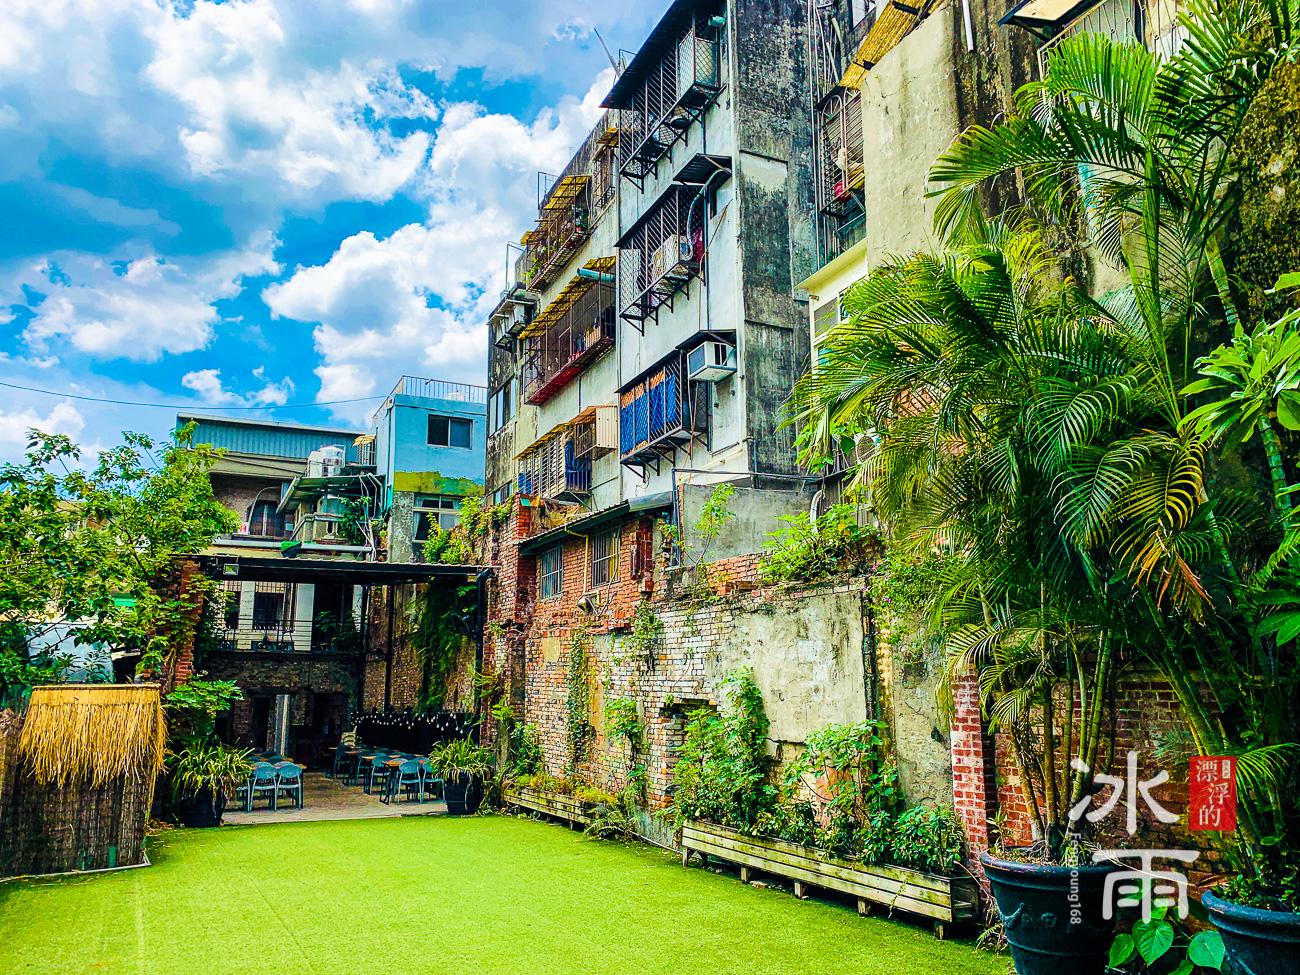 FB食尚曼谷有一個綠綠的後花園,可以在此辦婚禮